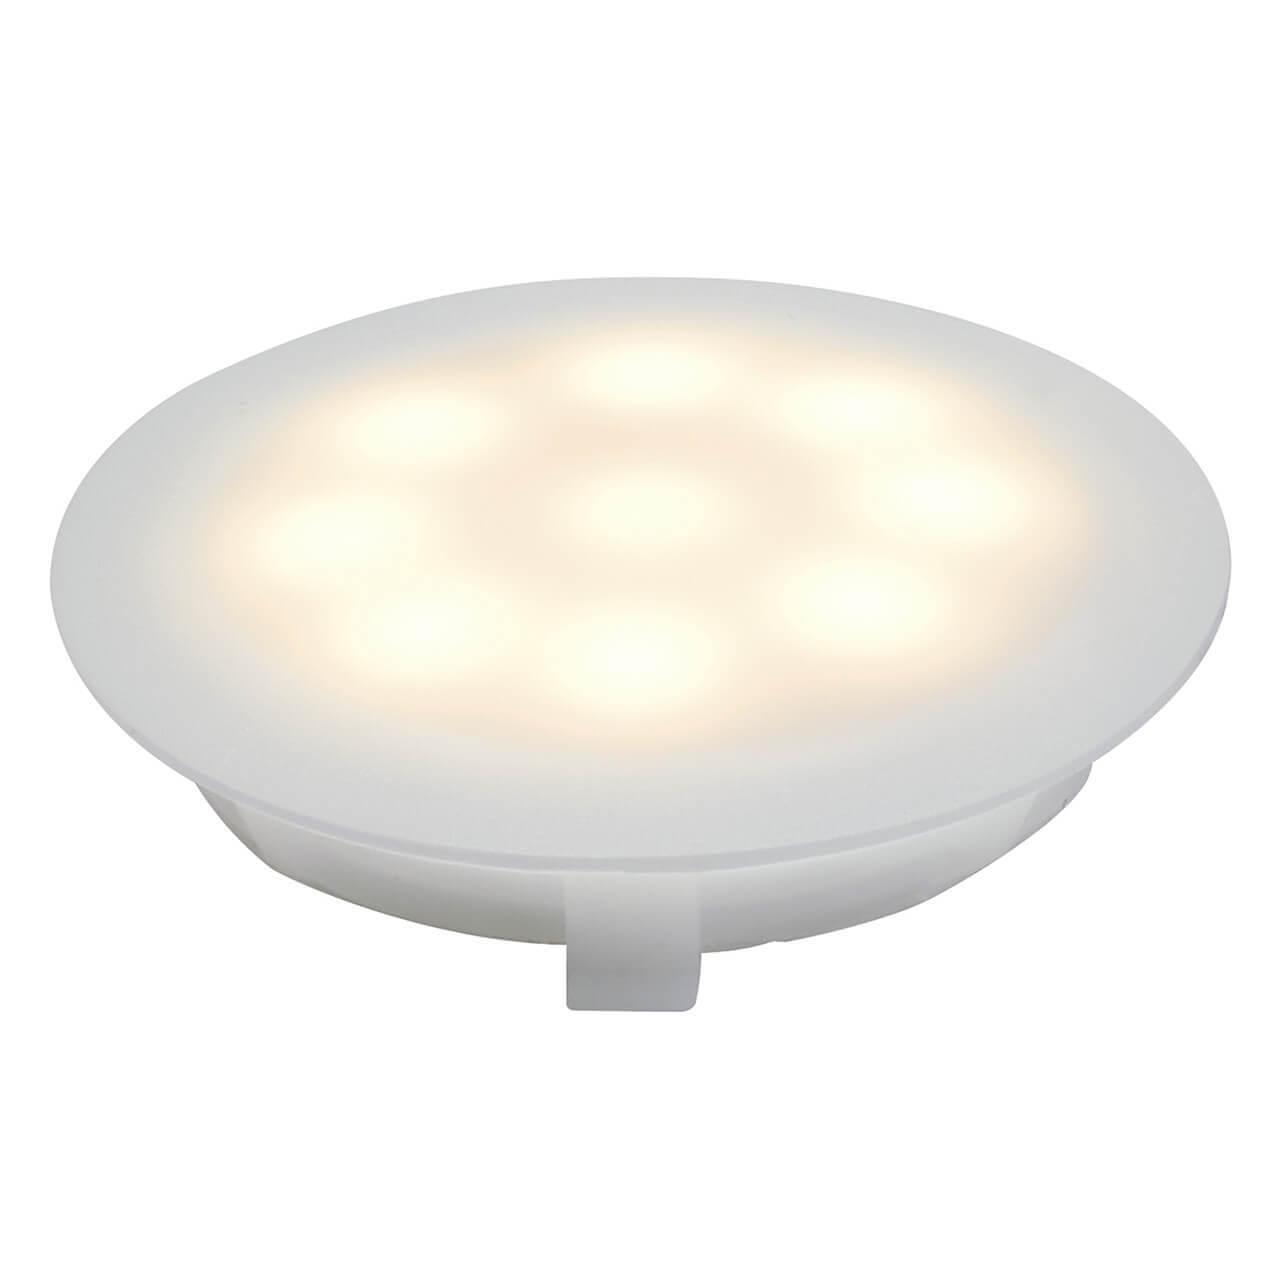 Ландшафтный светодиодный светильник Paulmann Special Line UpDownlight 93700 все цены